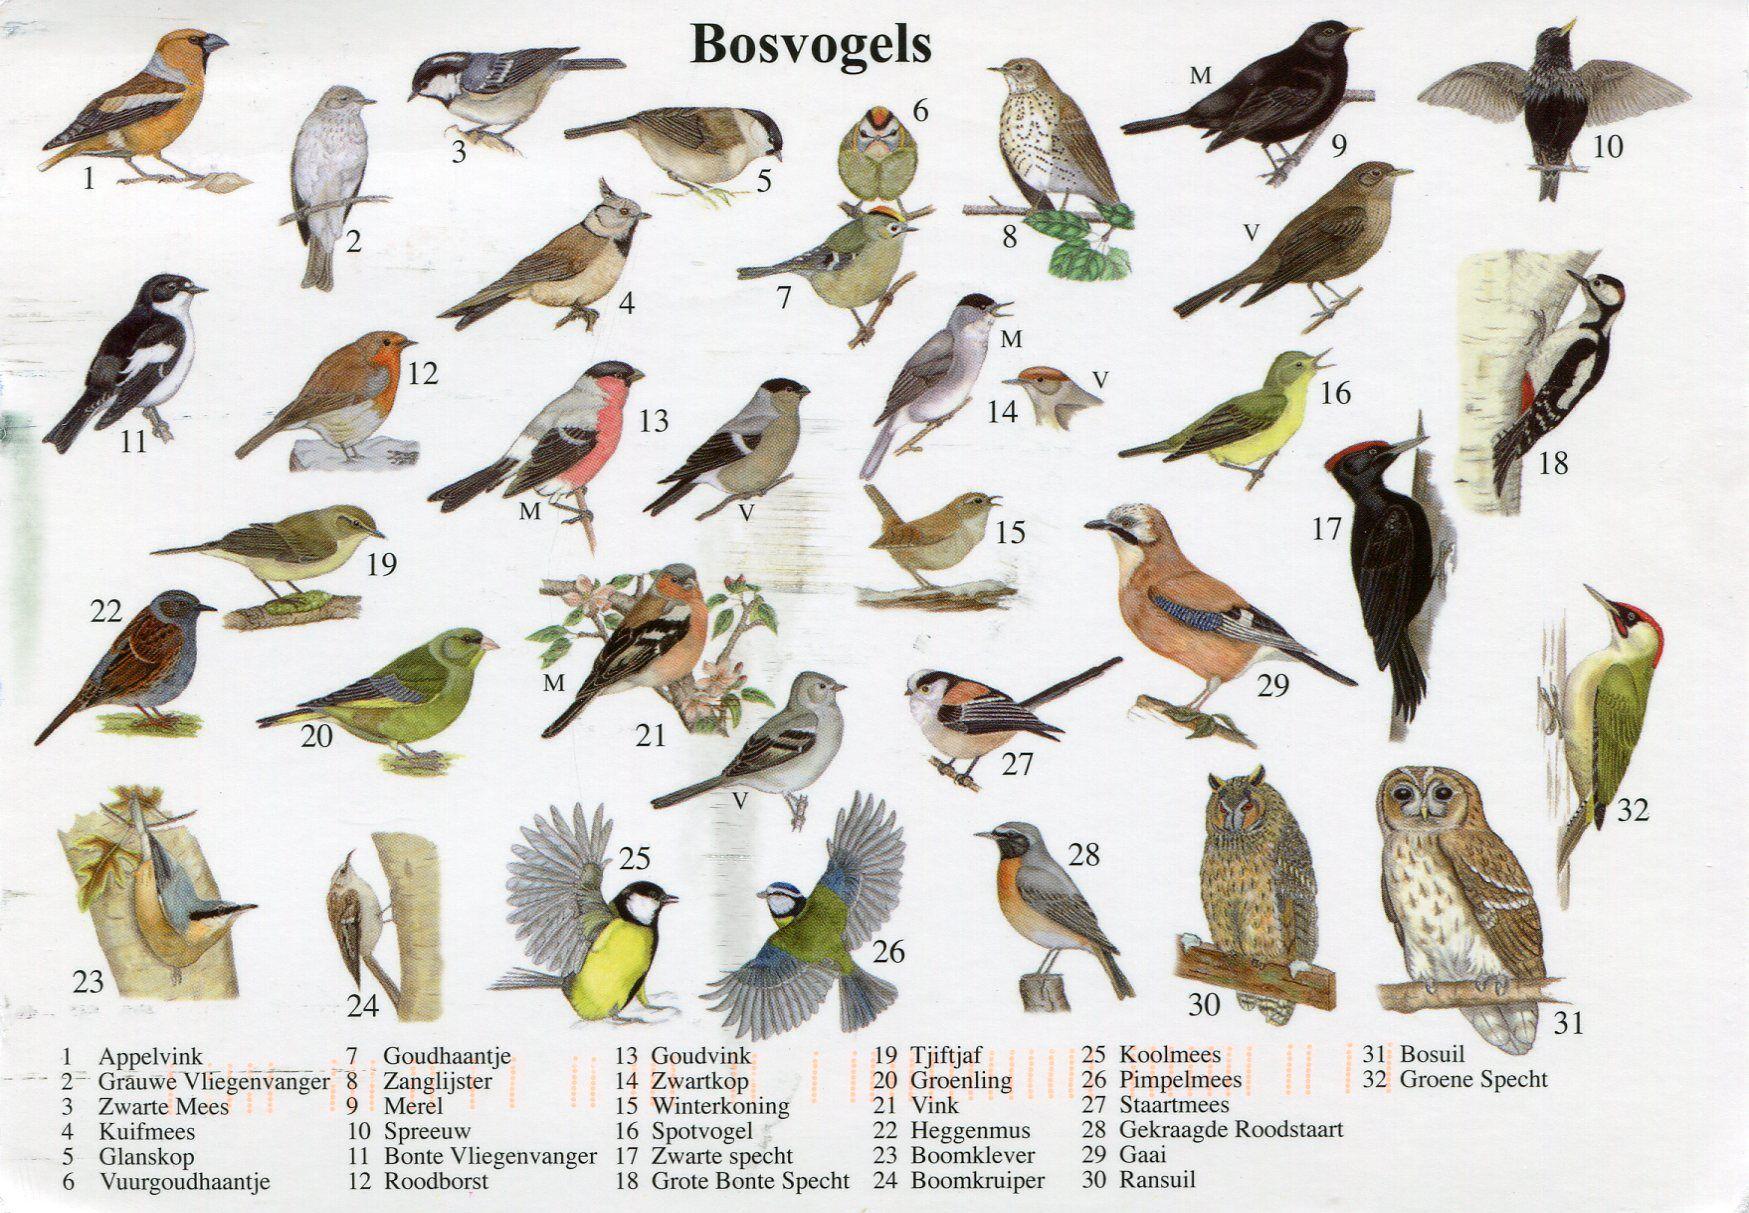 Spiksplinternieuw vogel platen herkennen - Google zoeken | Vogelspotten, Vogels, Natuur IB-89